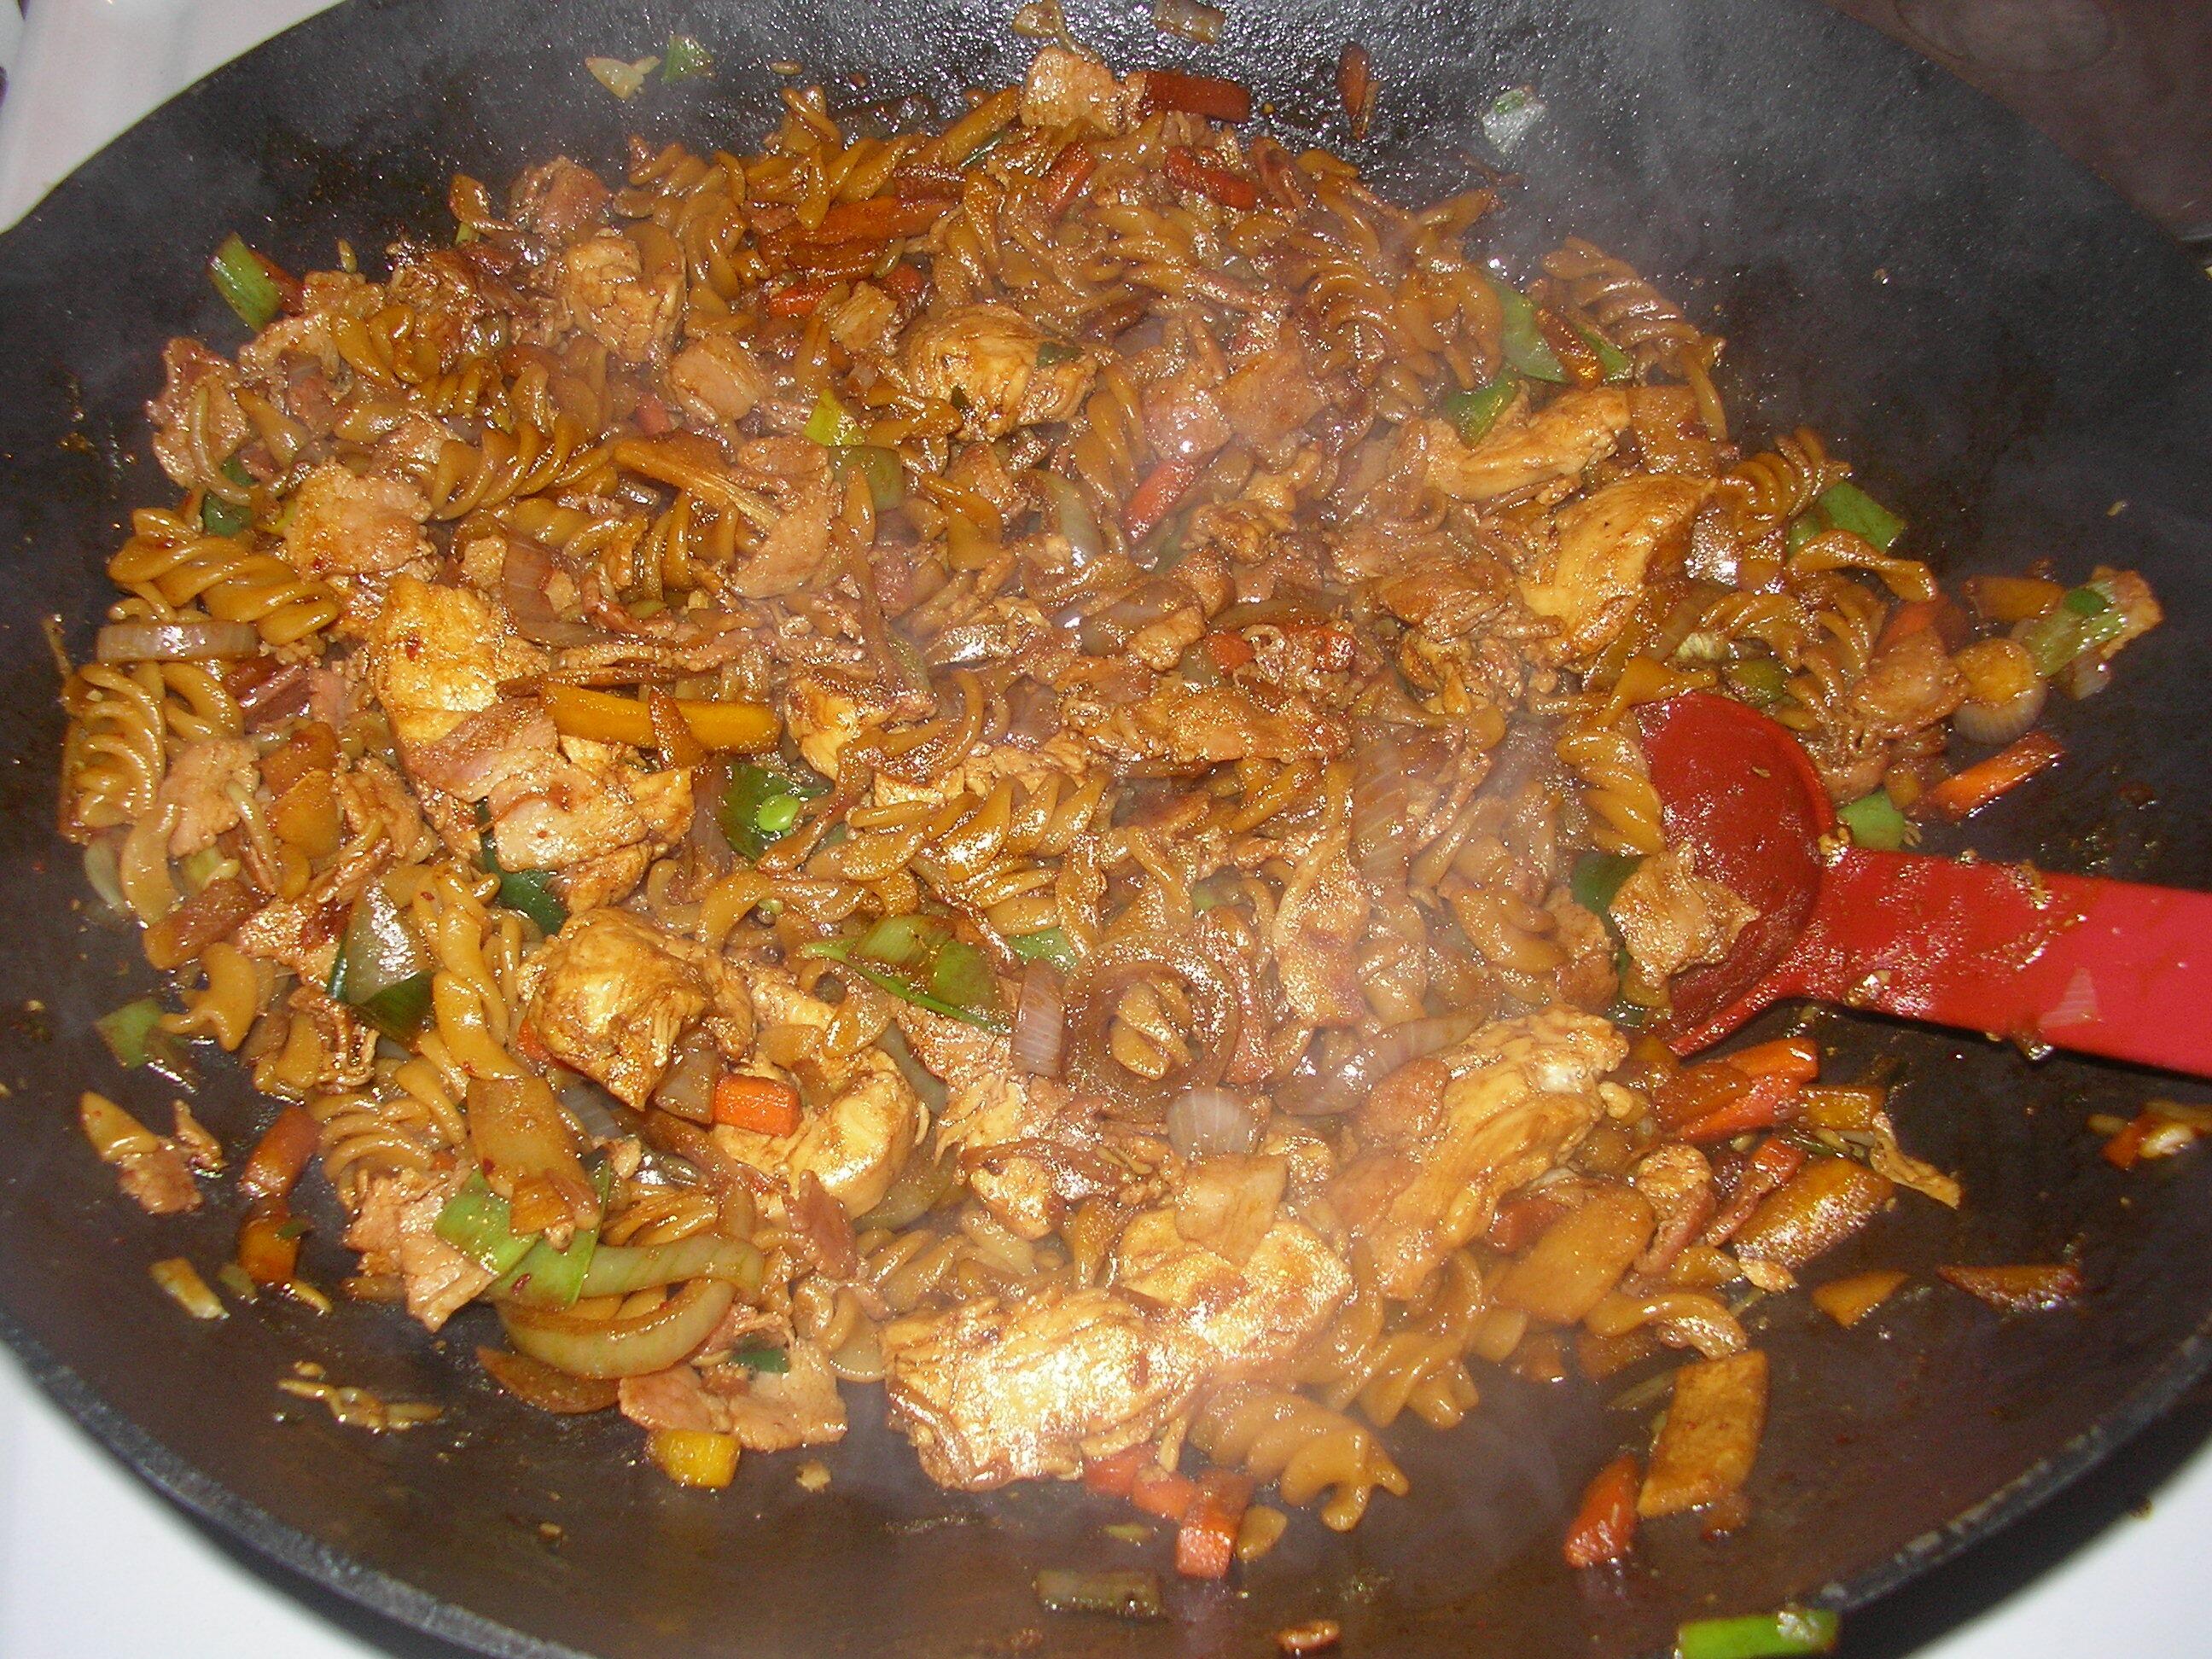 Wook med kyckling, bacon och pasta